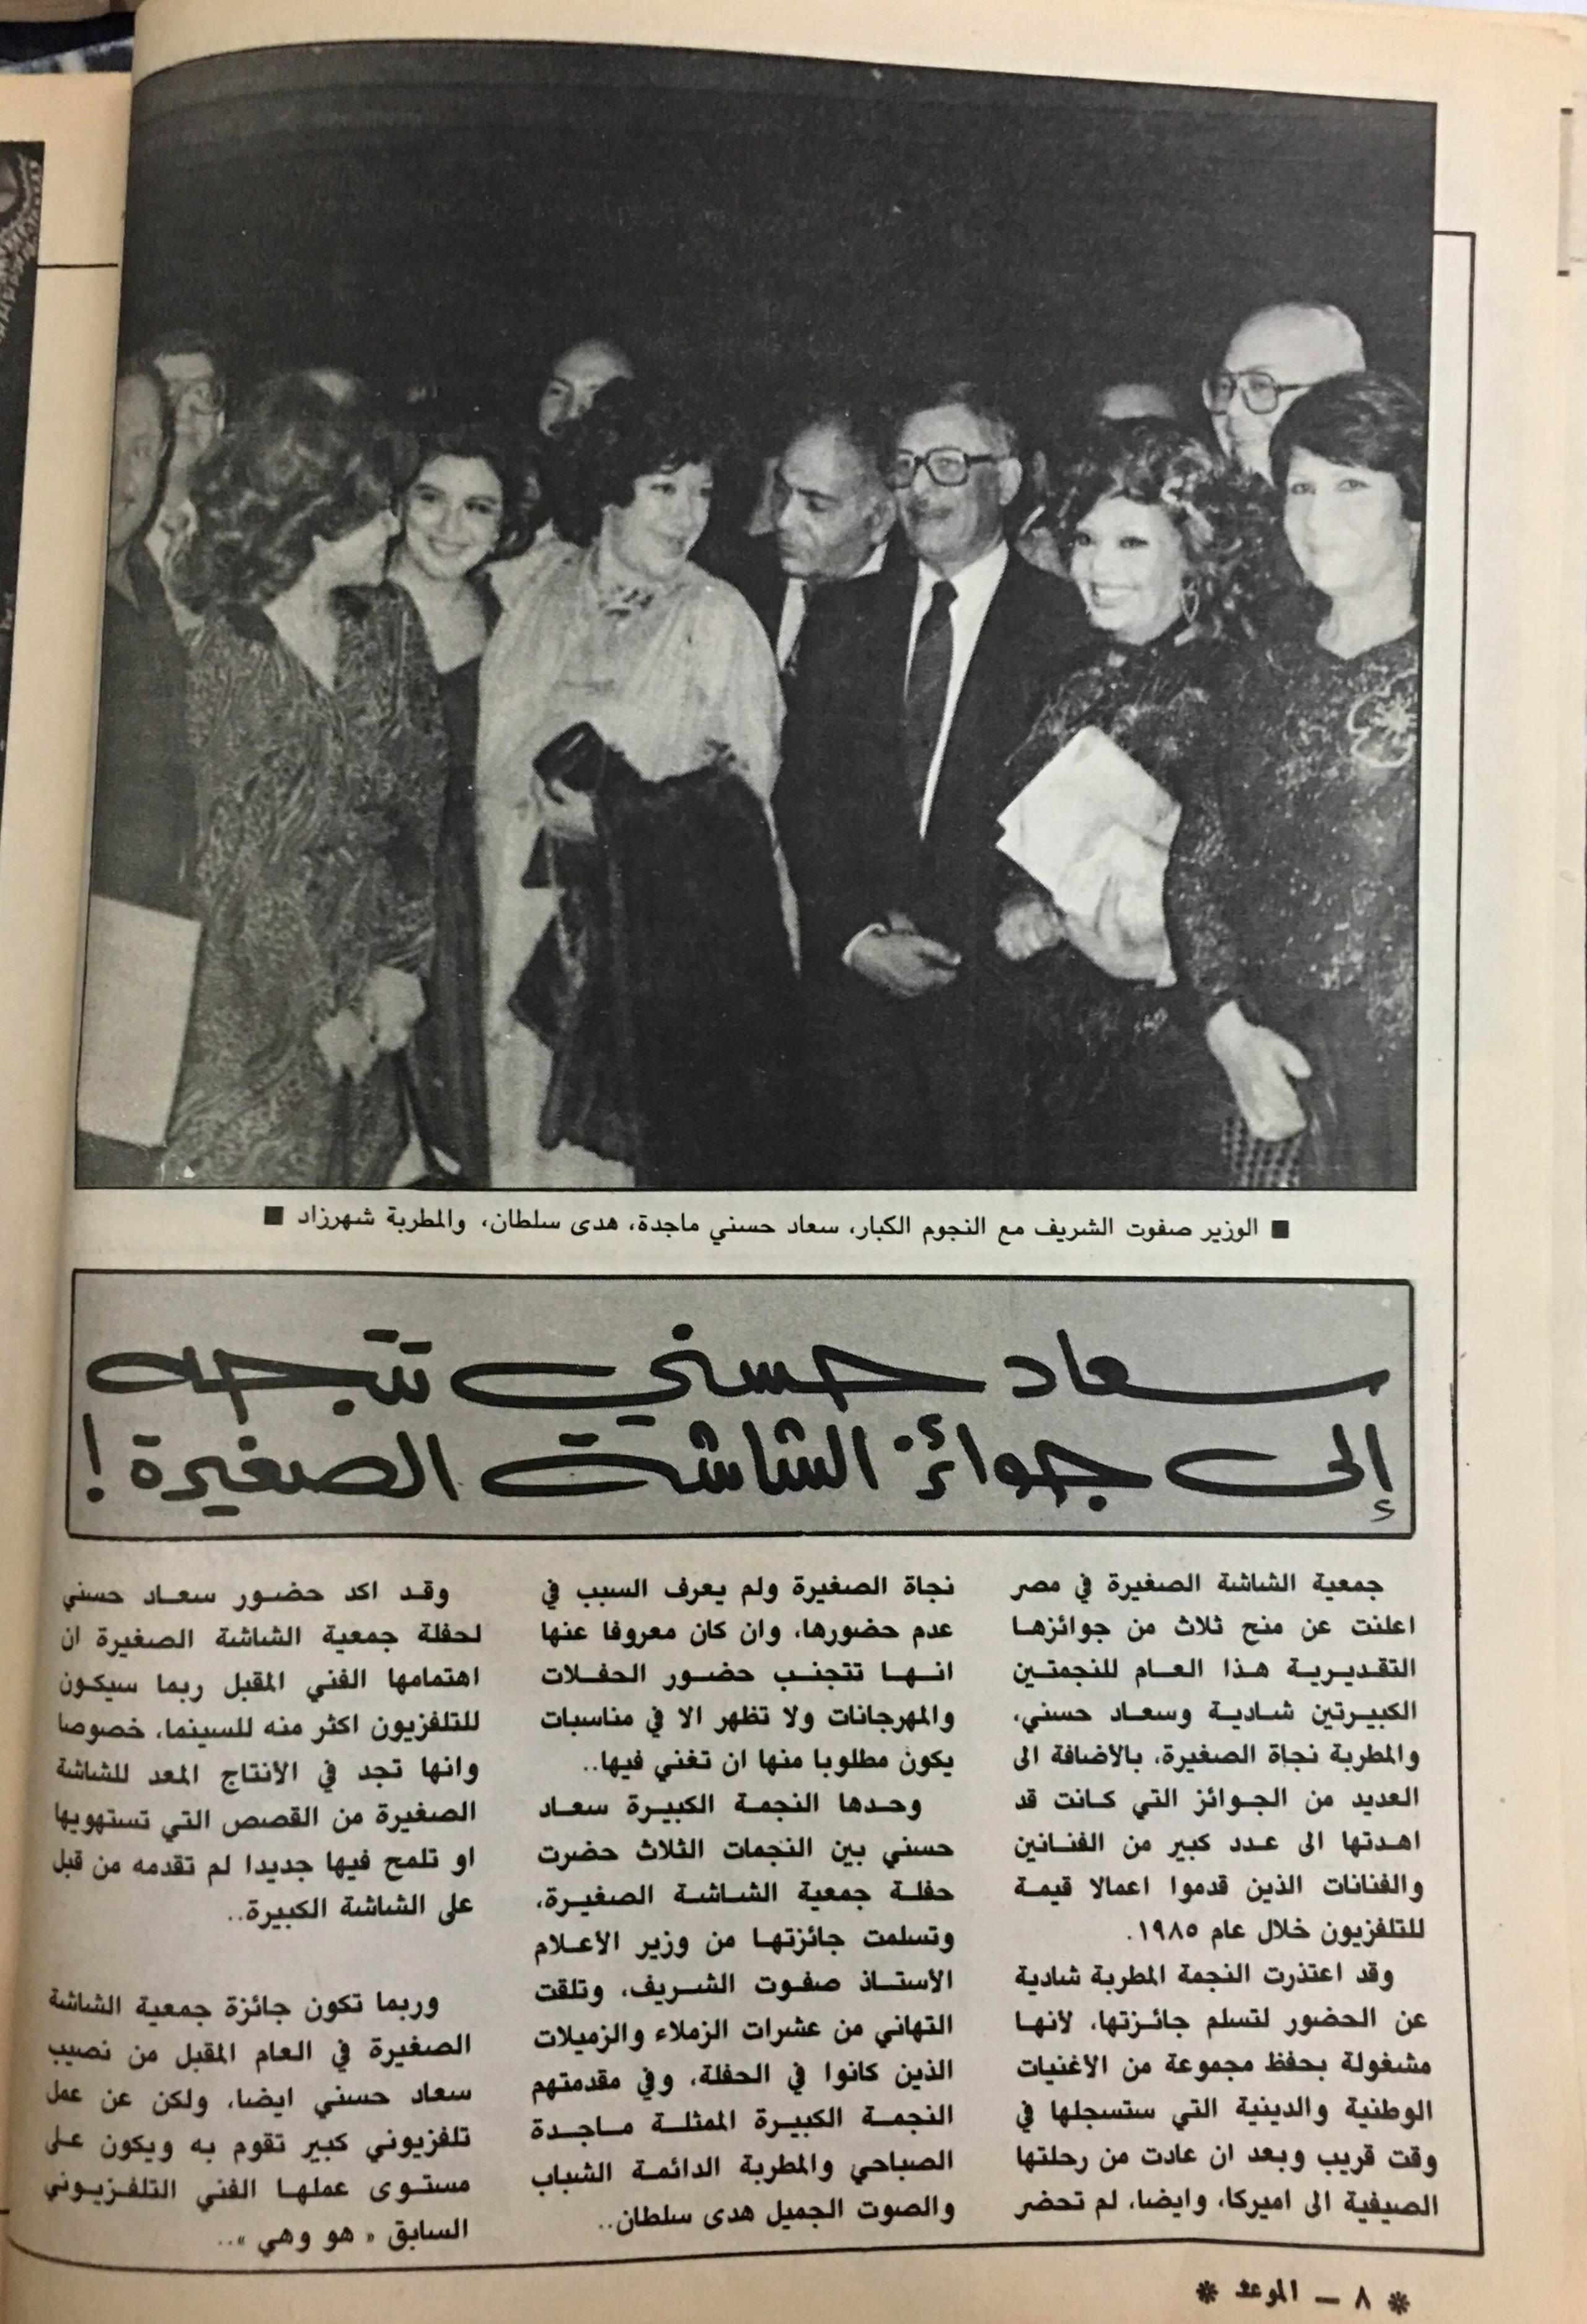 مقال صحفي : سعاد حسني تتجه إلى جوائز الشاشة الصغيرة ! 1986 م 157